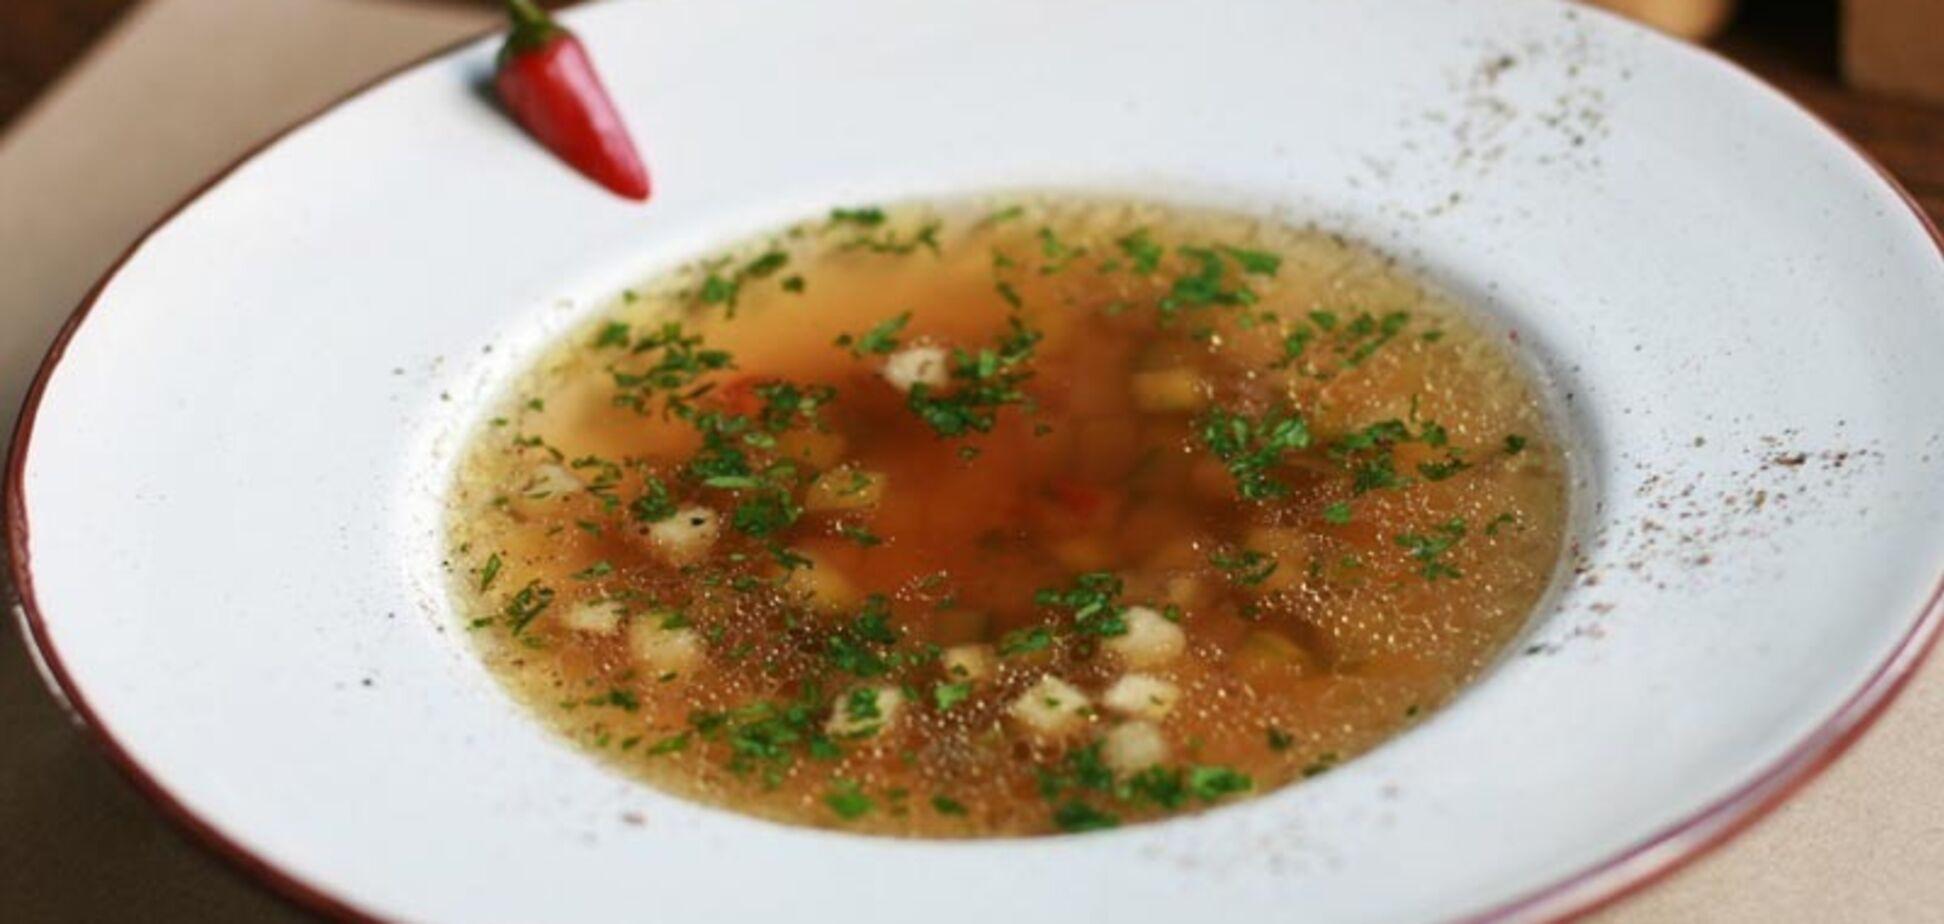 'Закончить школу без гастрита': рецепт полезного супа для детей от известного повара